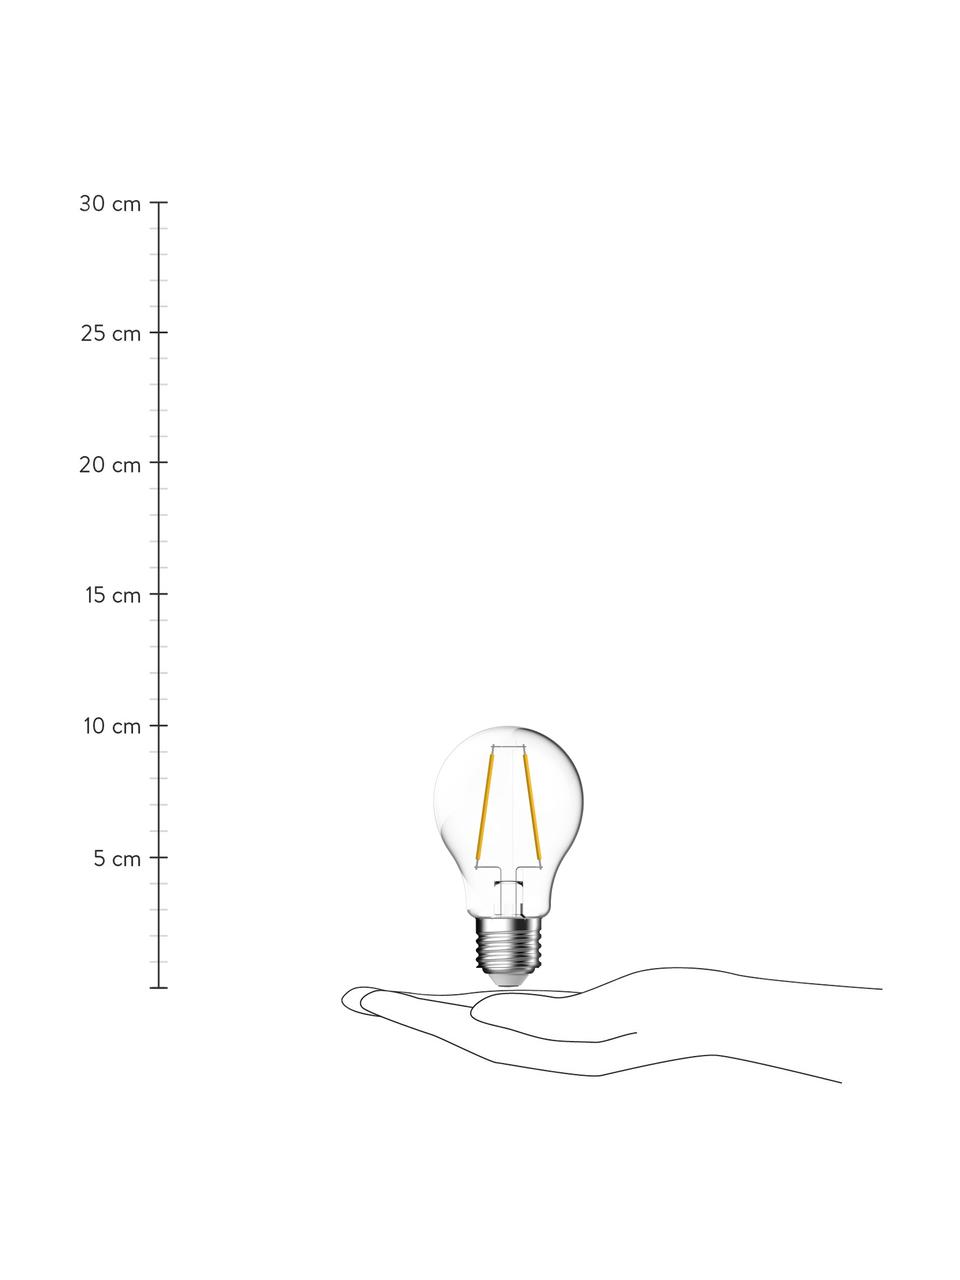 Ampoule (E27 - 470lm) blanc chaud, 1 pièce, Transparent